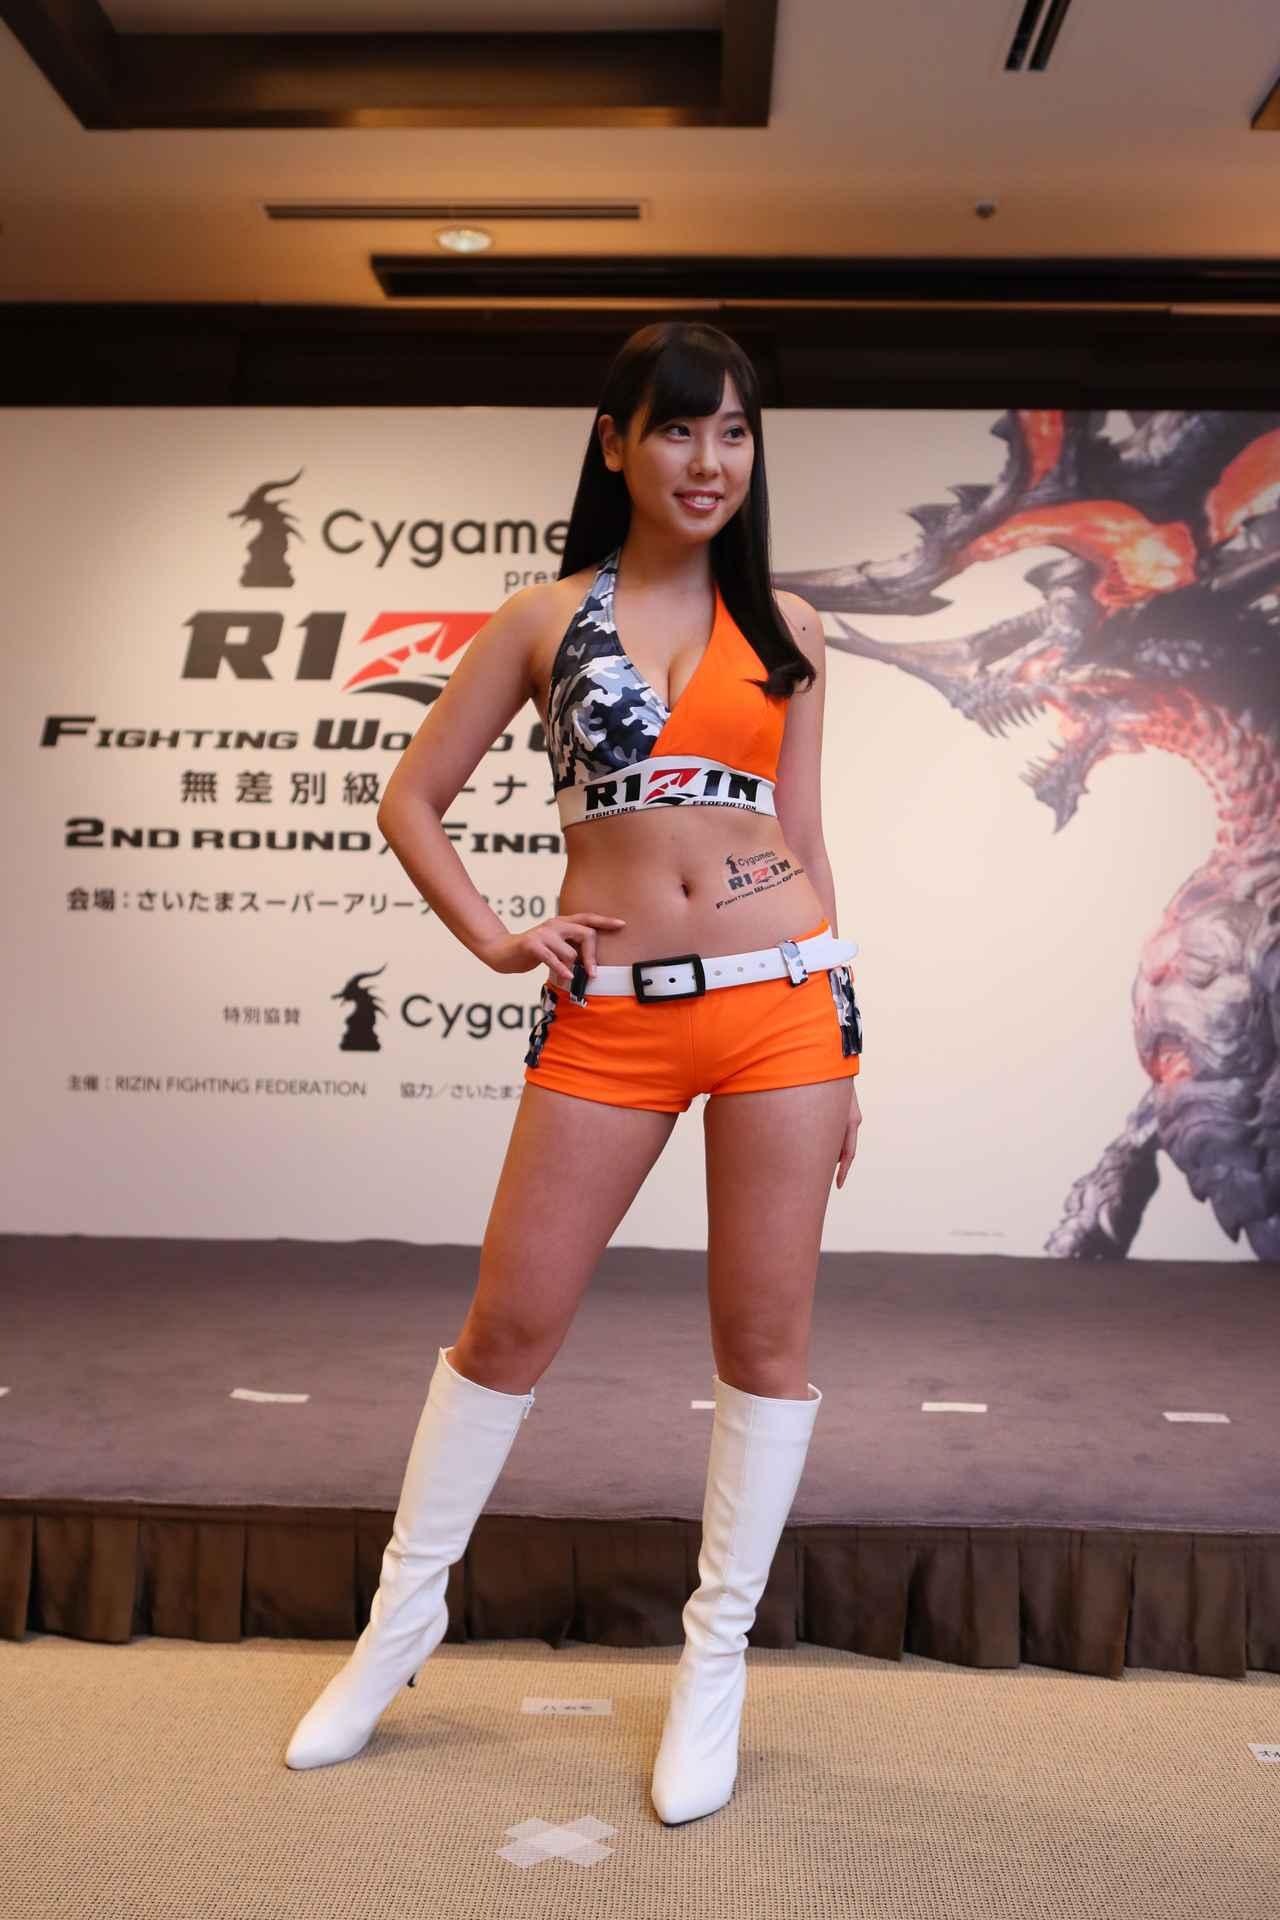 画像2: RIZINガール 7人の新メンバー! 無差別級トーナメントのトロフィー&ベルトお披露目!!